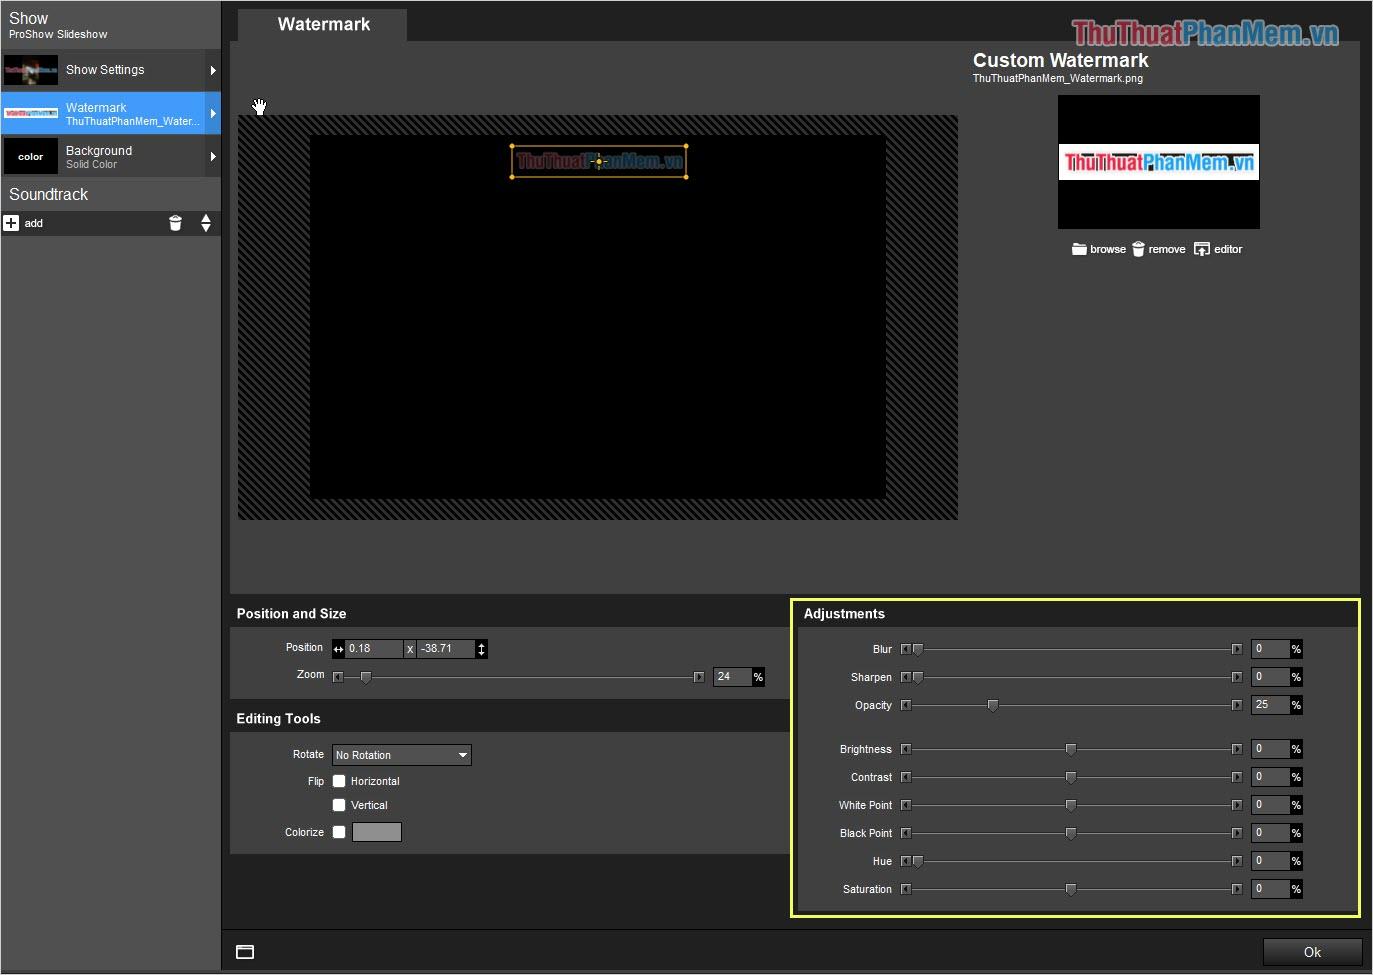 Bạn có thể điều chỉnh thông số liên quan đến màu sắc trong mục Adjustments